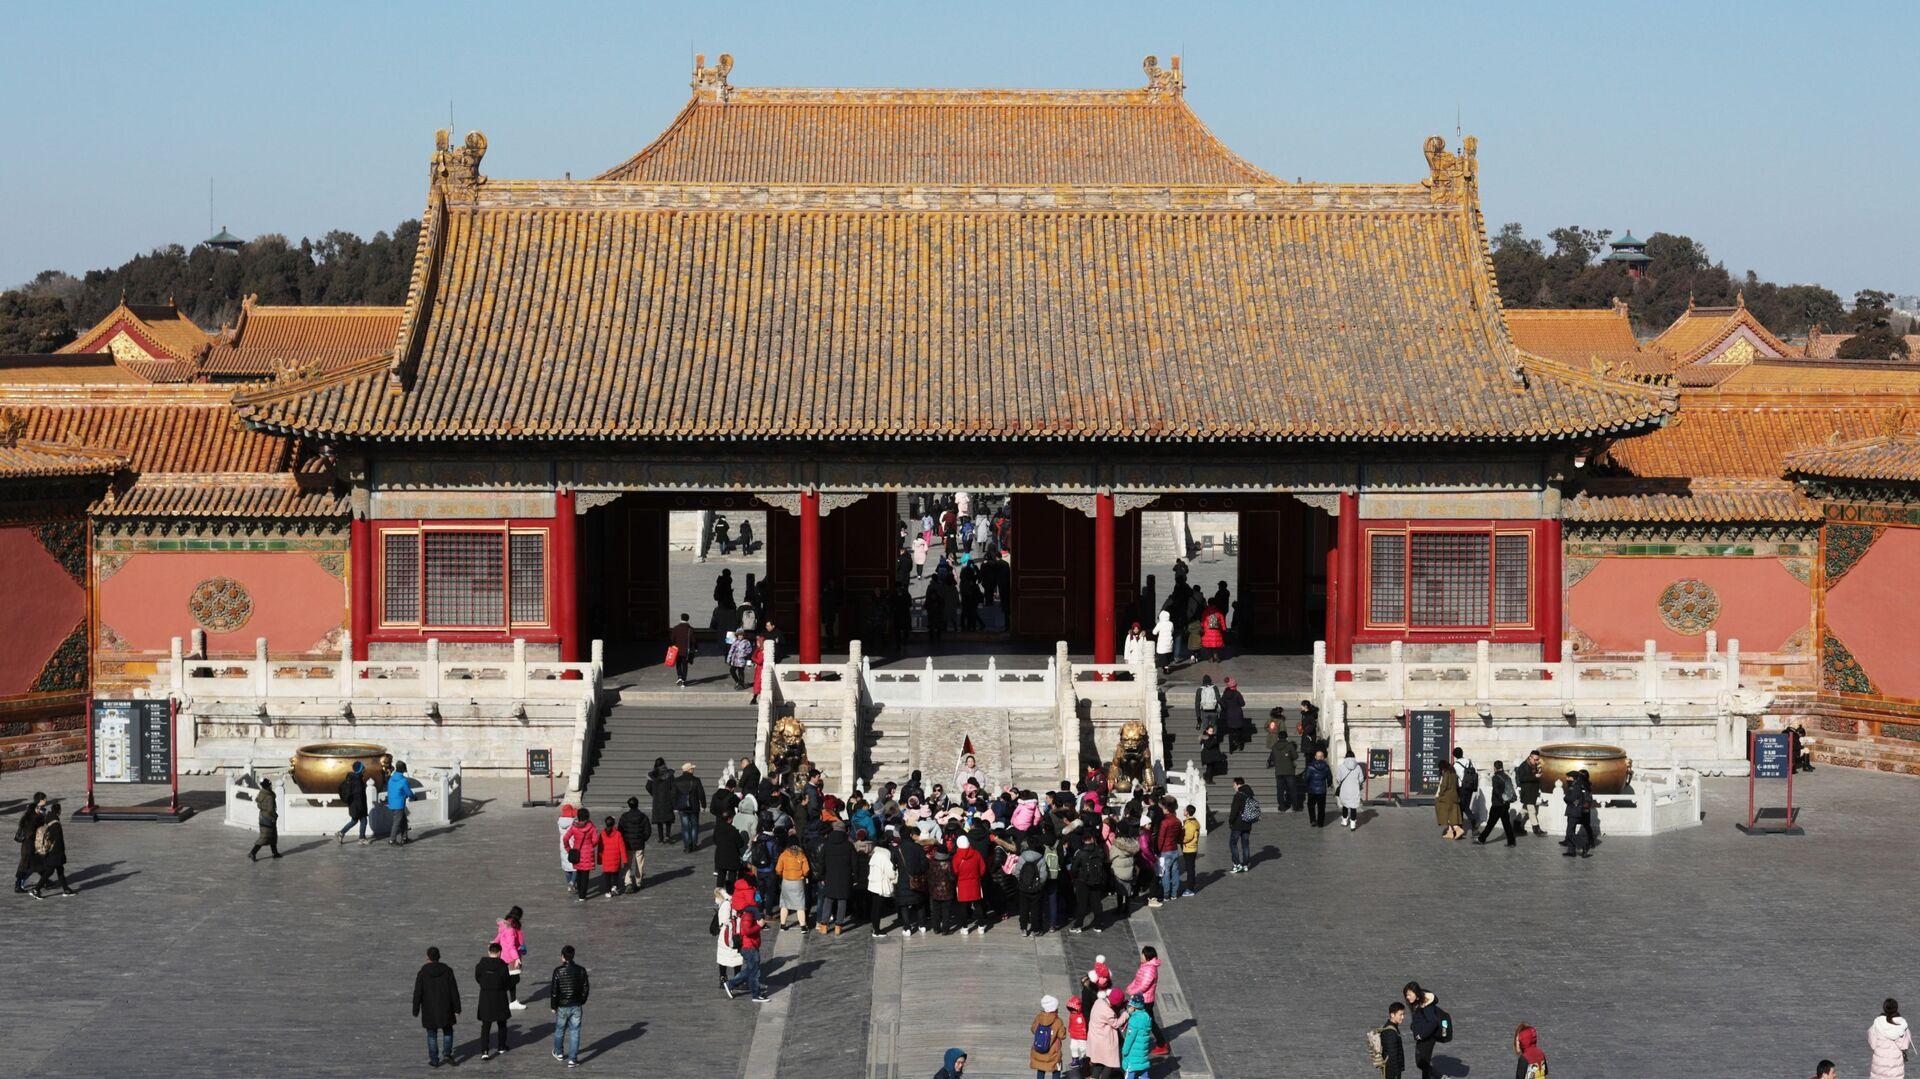 Посетители у Дворца земного спокойствия в Запретном городе в центре Пекина - РИА Новости, 1920, 15.09.2020